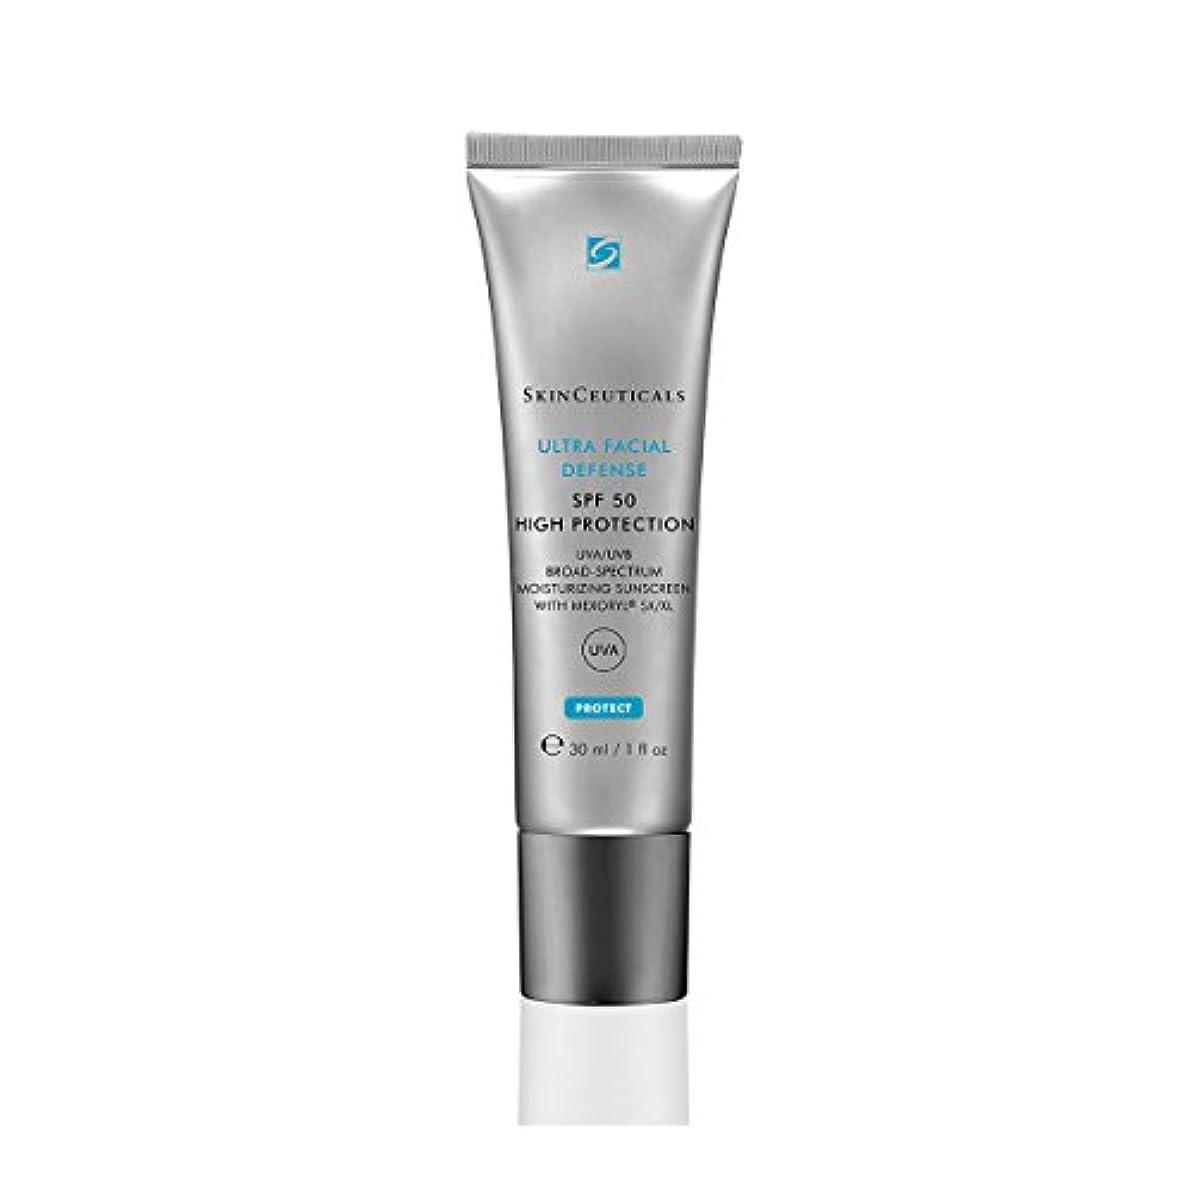 ウナギ観点軽蔑するSkinceuticals Protect Ultra Facial Defense Spf50+ 30ml [並行輸入品]